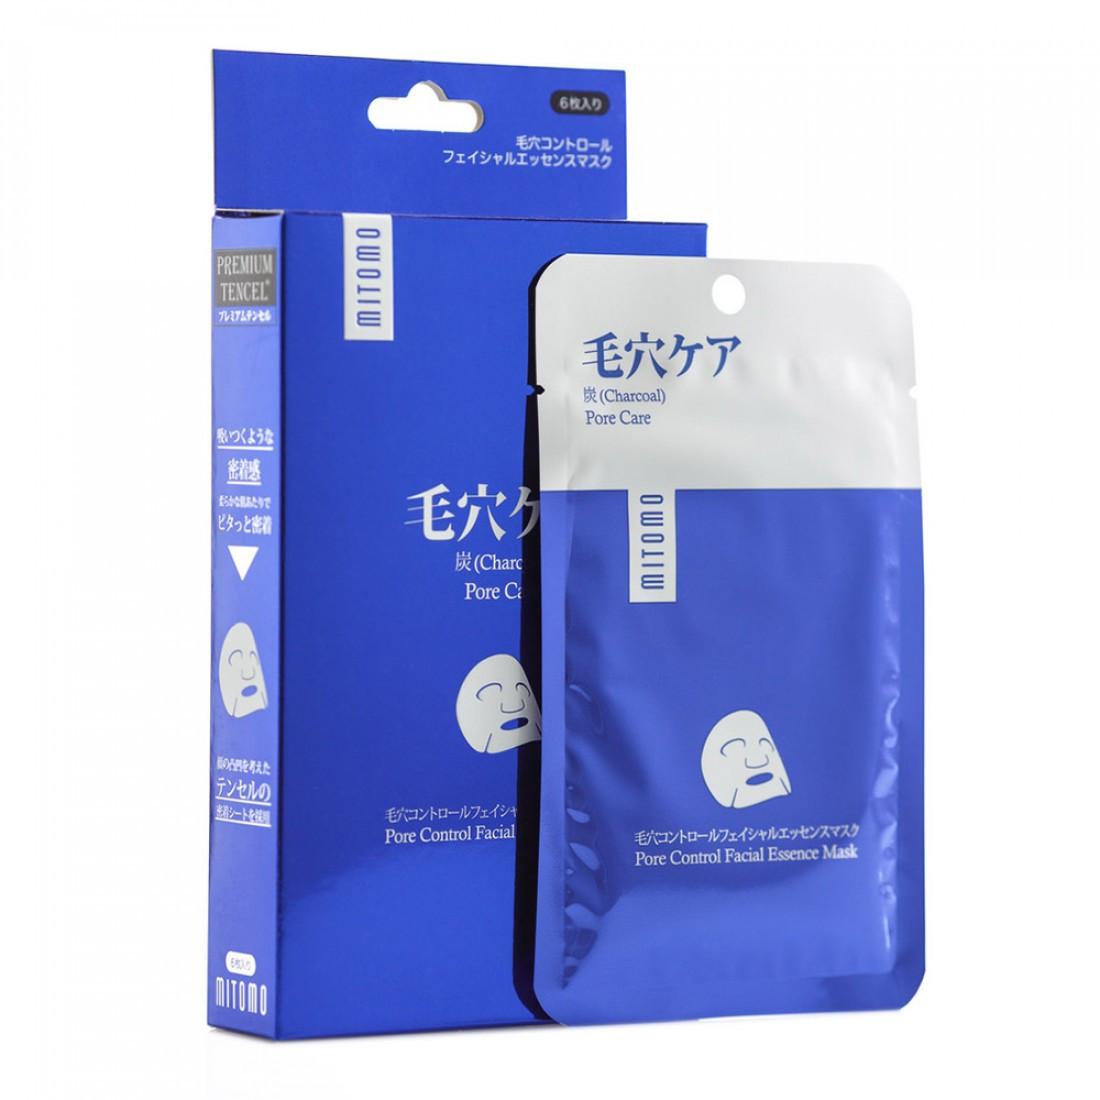 Маска для лица премиум с углем (для очищение пор) Mitomo Premium Pore Control Facial Essence Mask 25 г (4582419534018)